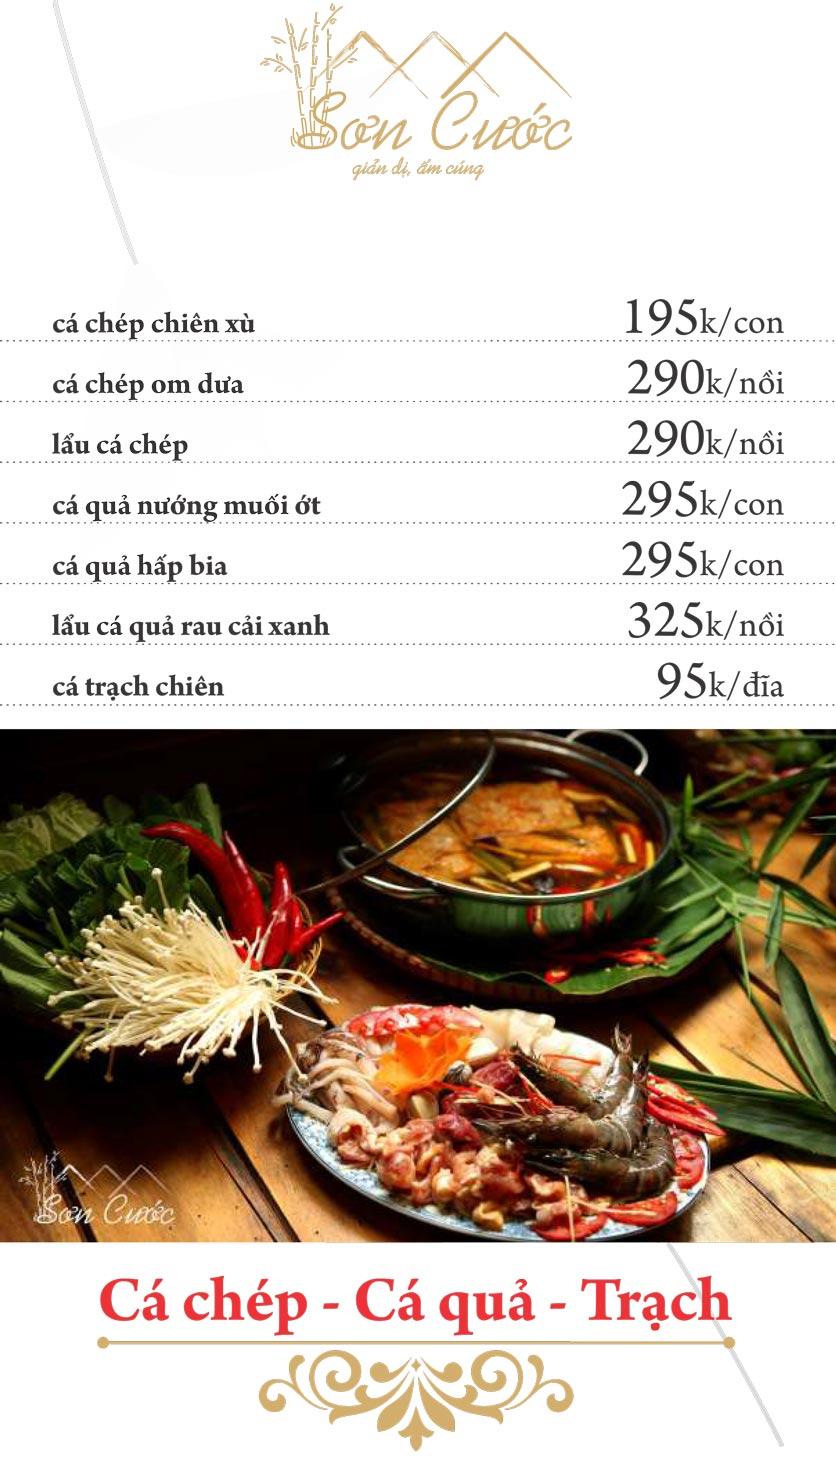 Menu Quán Sơn Cước - KĐT Tân Tây Đô  6